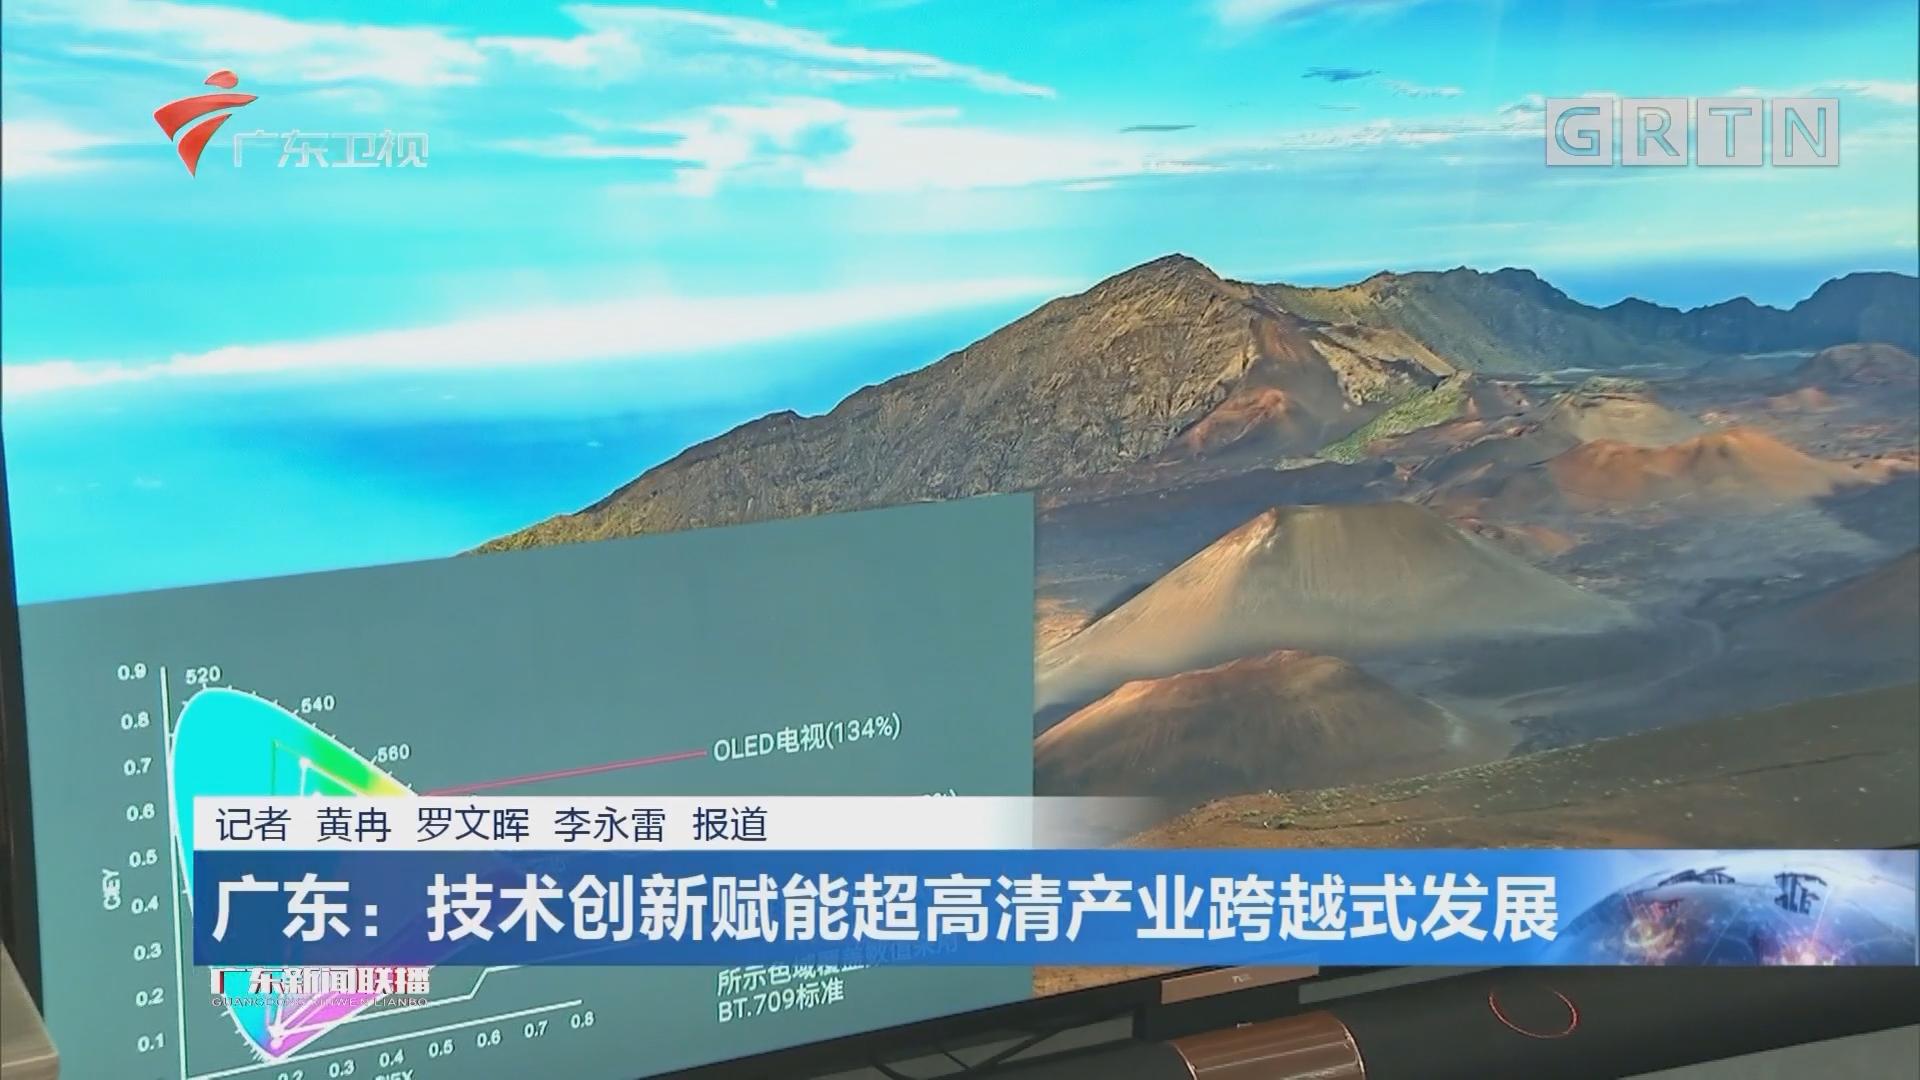 广东:技术创新赋能超高清产业跨越式发展